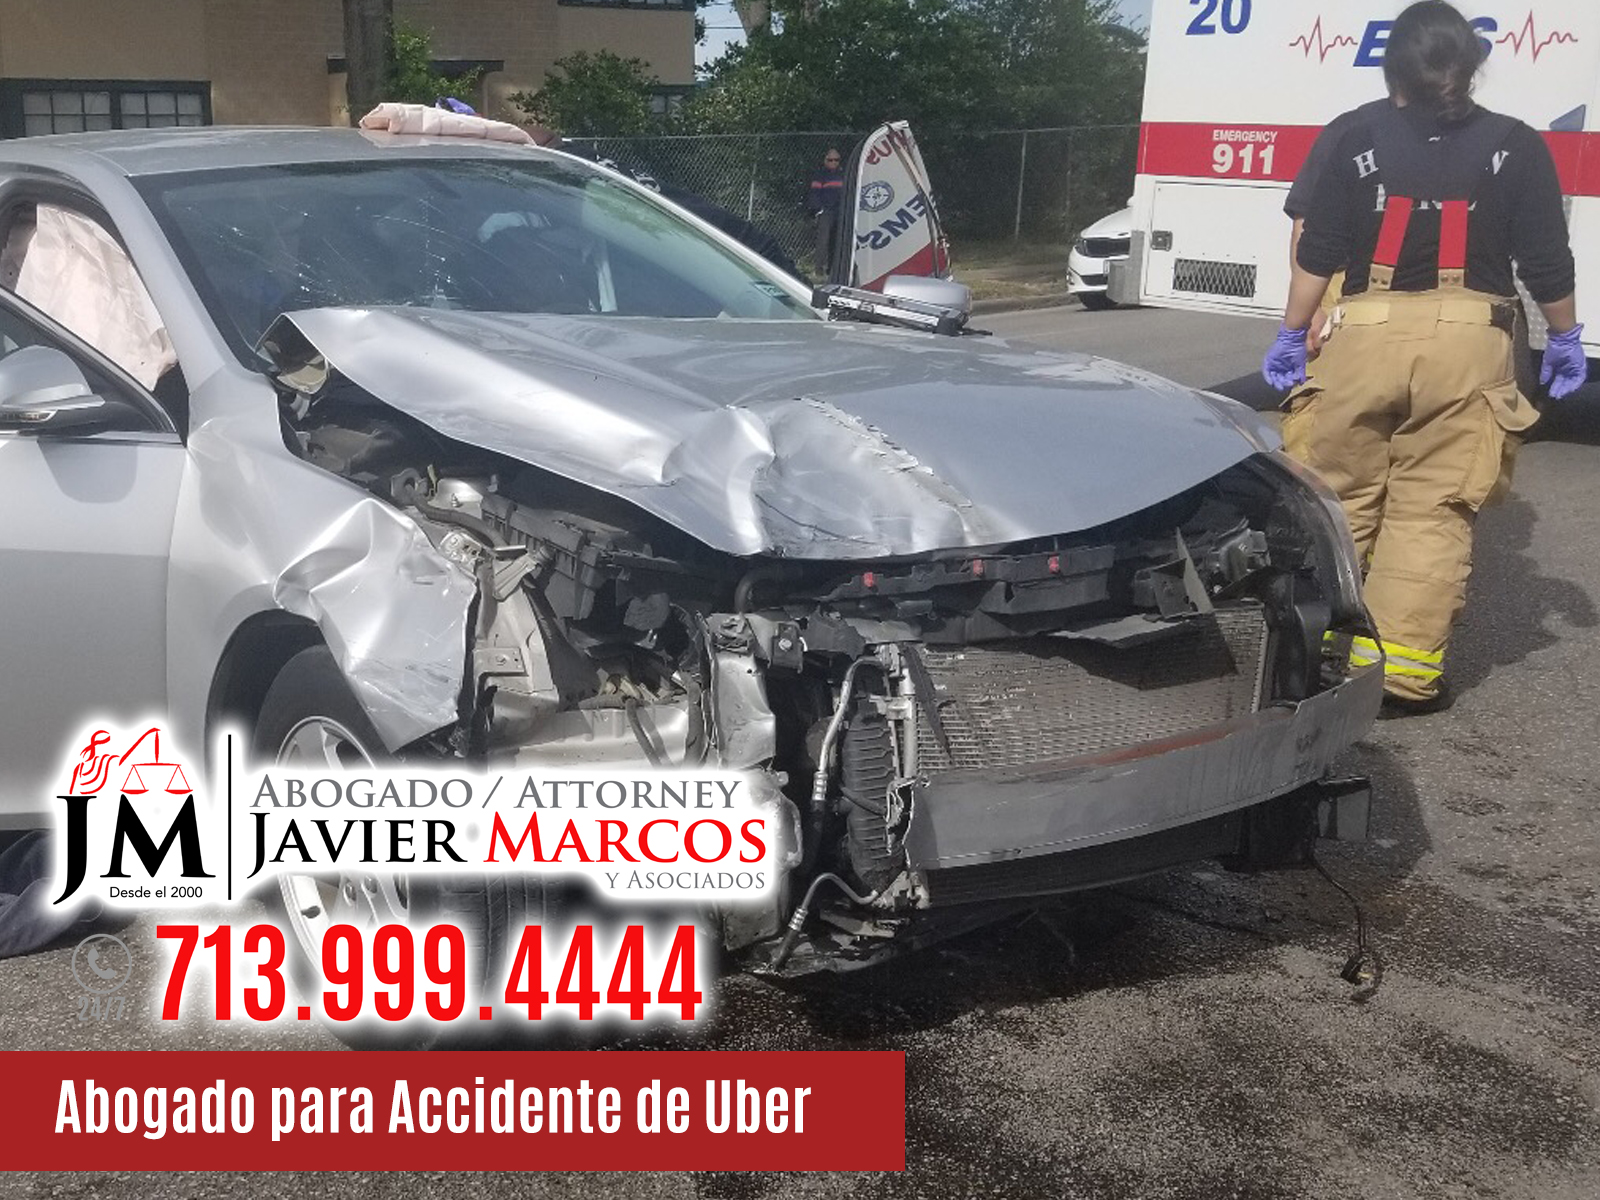 abogado para accidente de uber